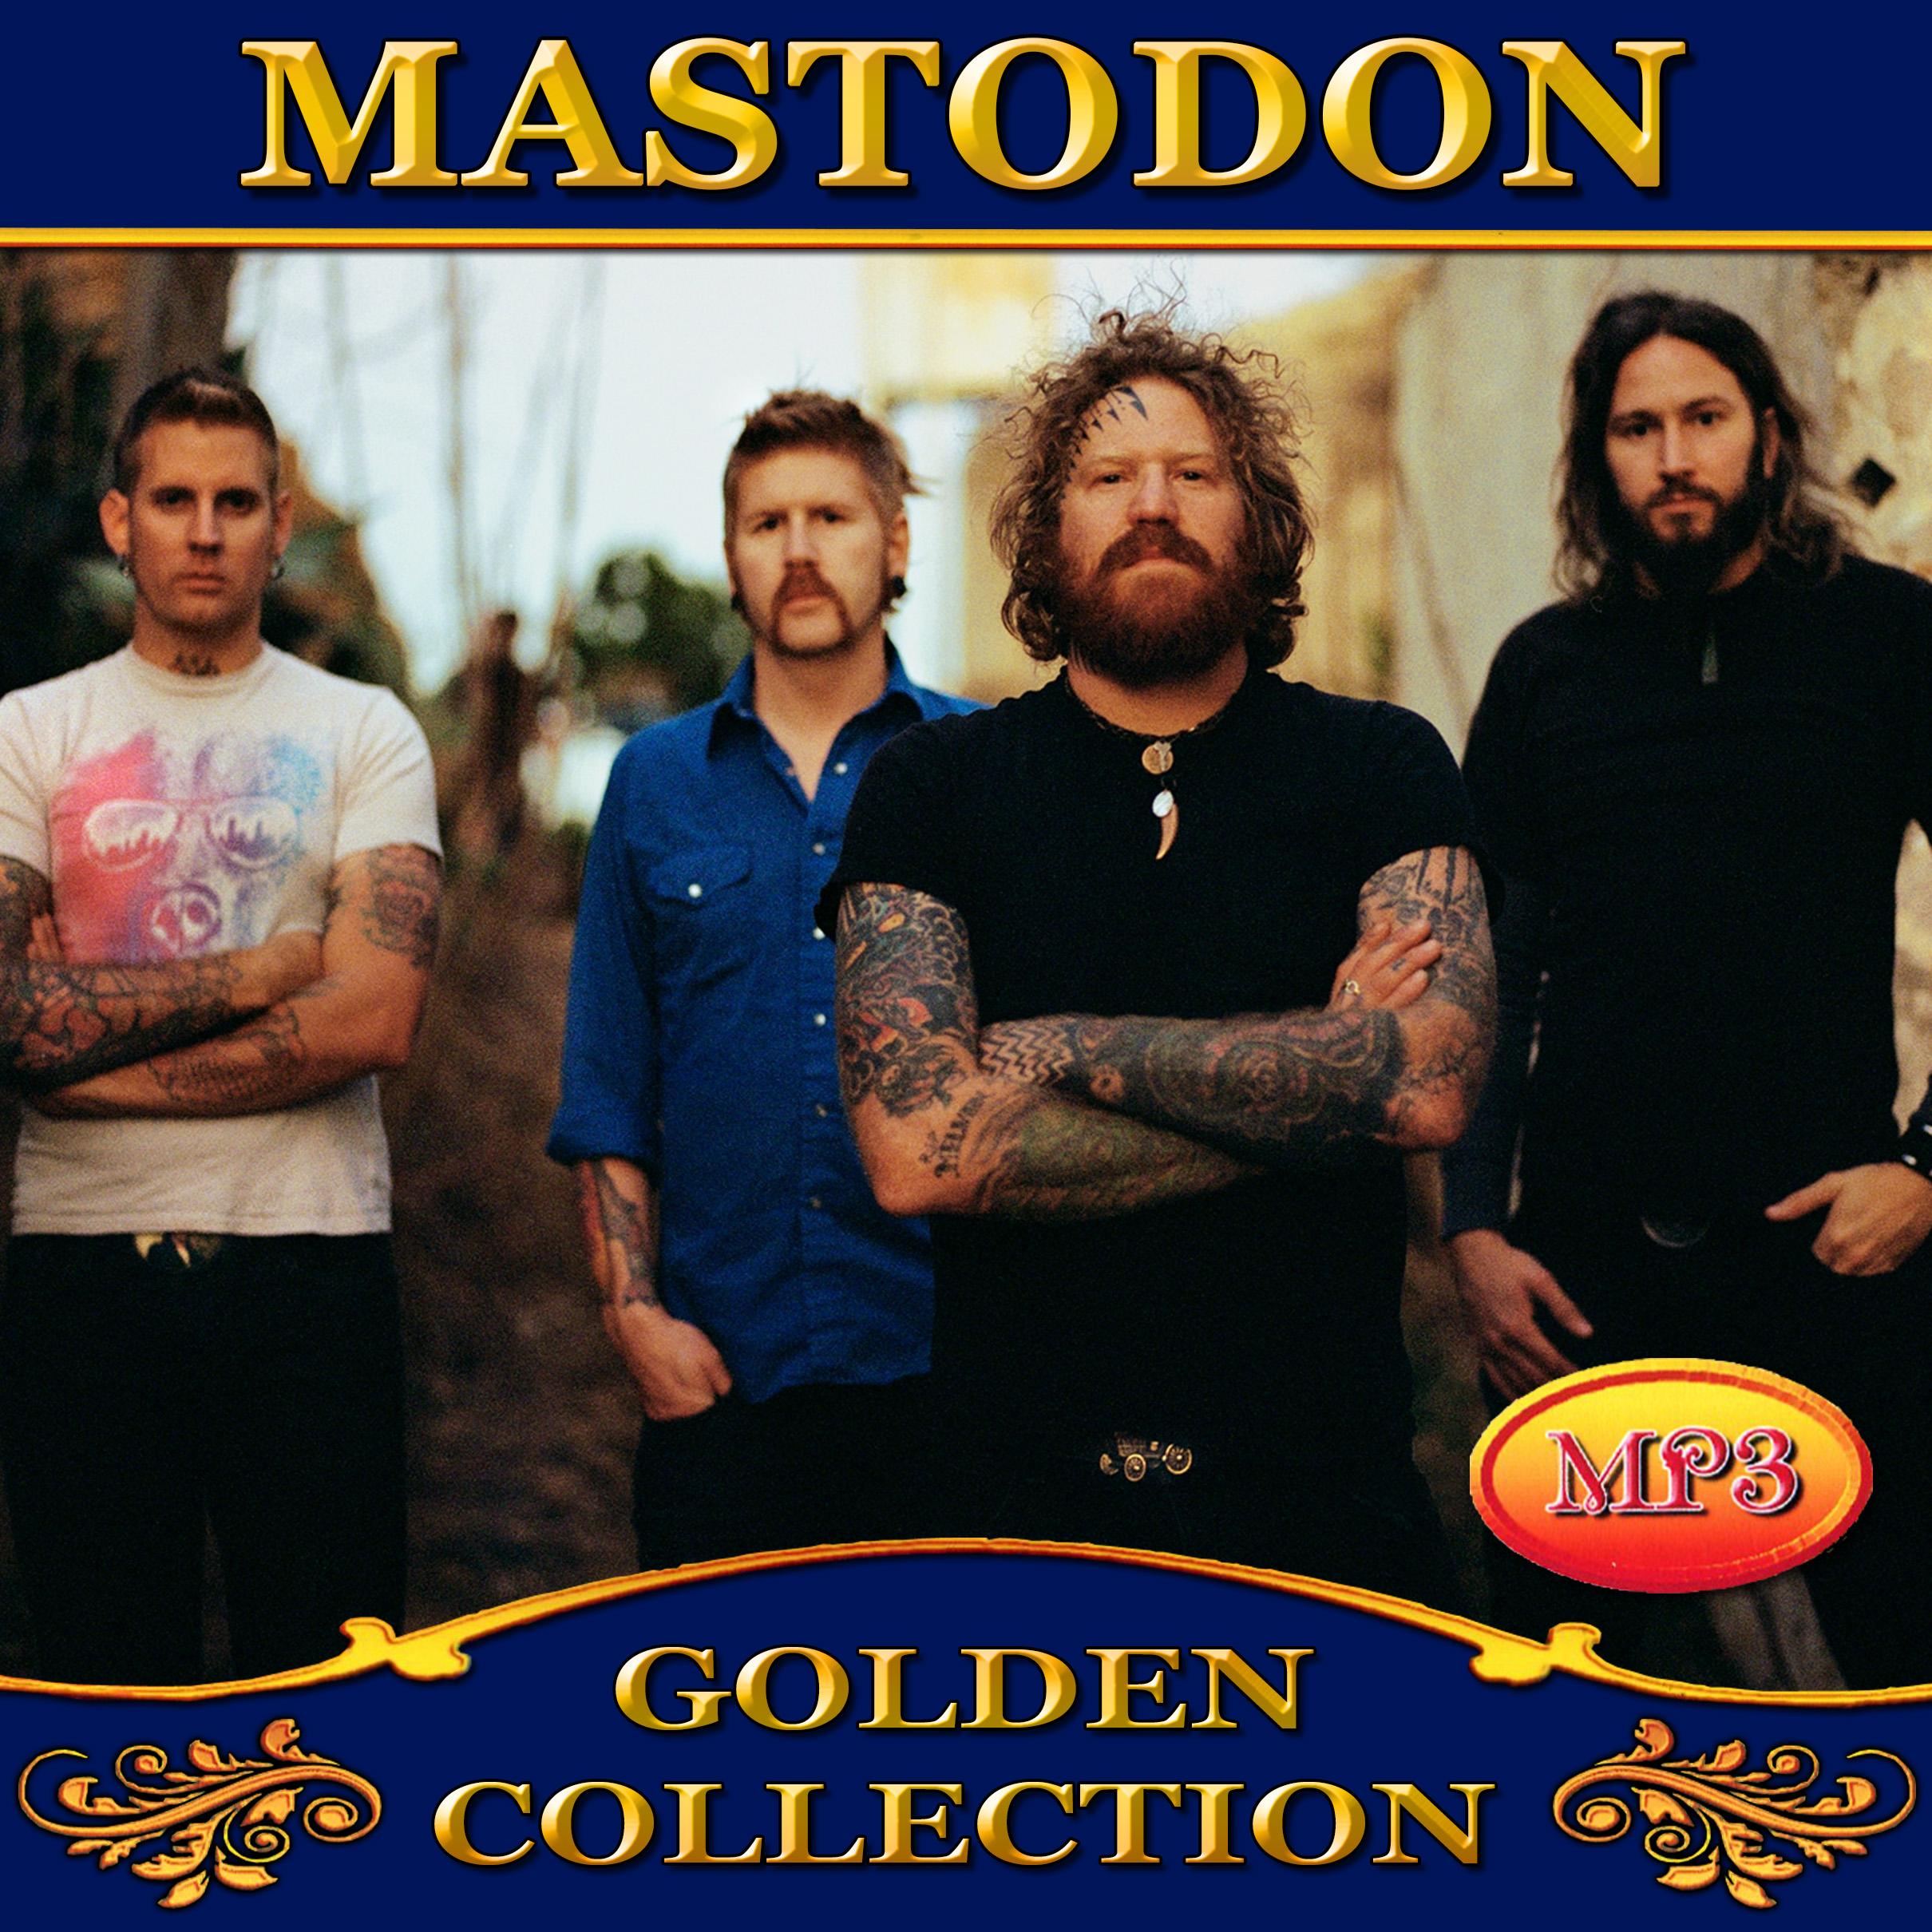 Mastodon [mp3]